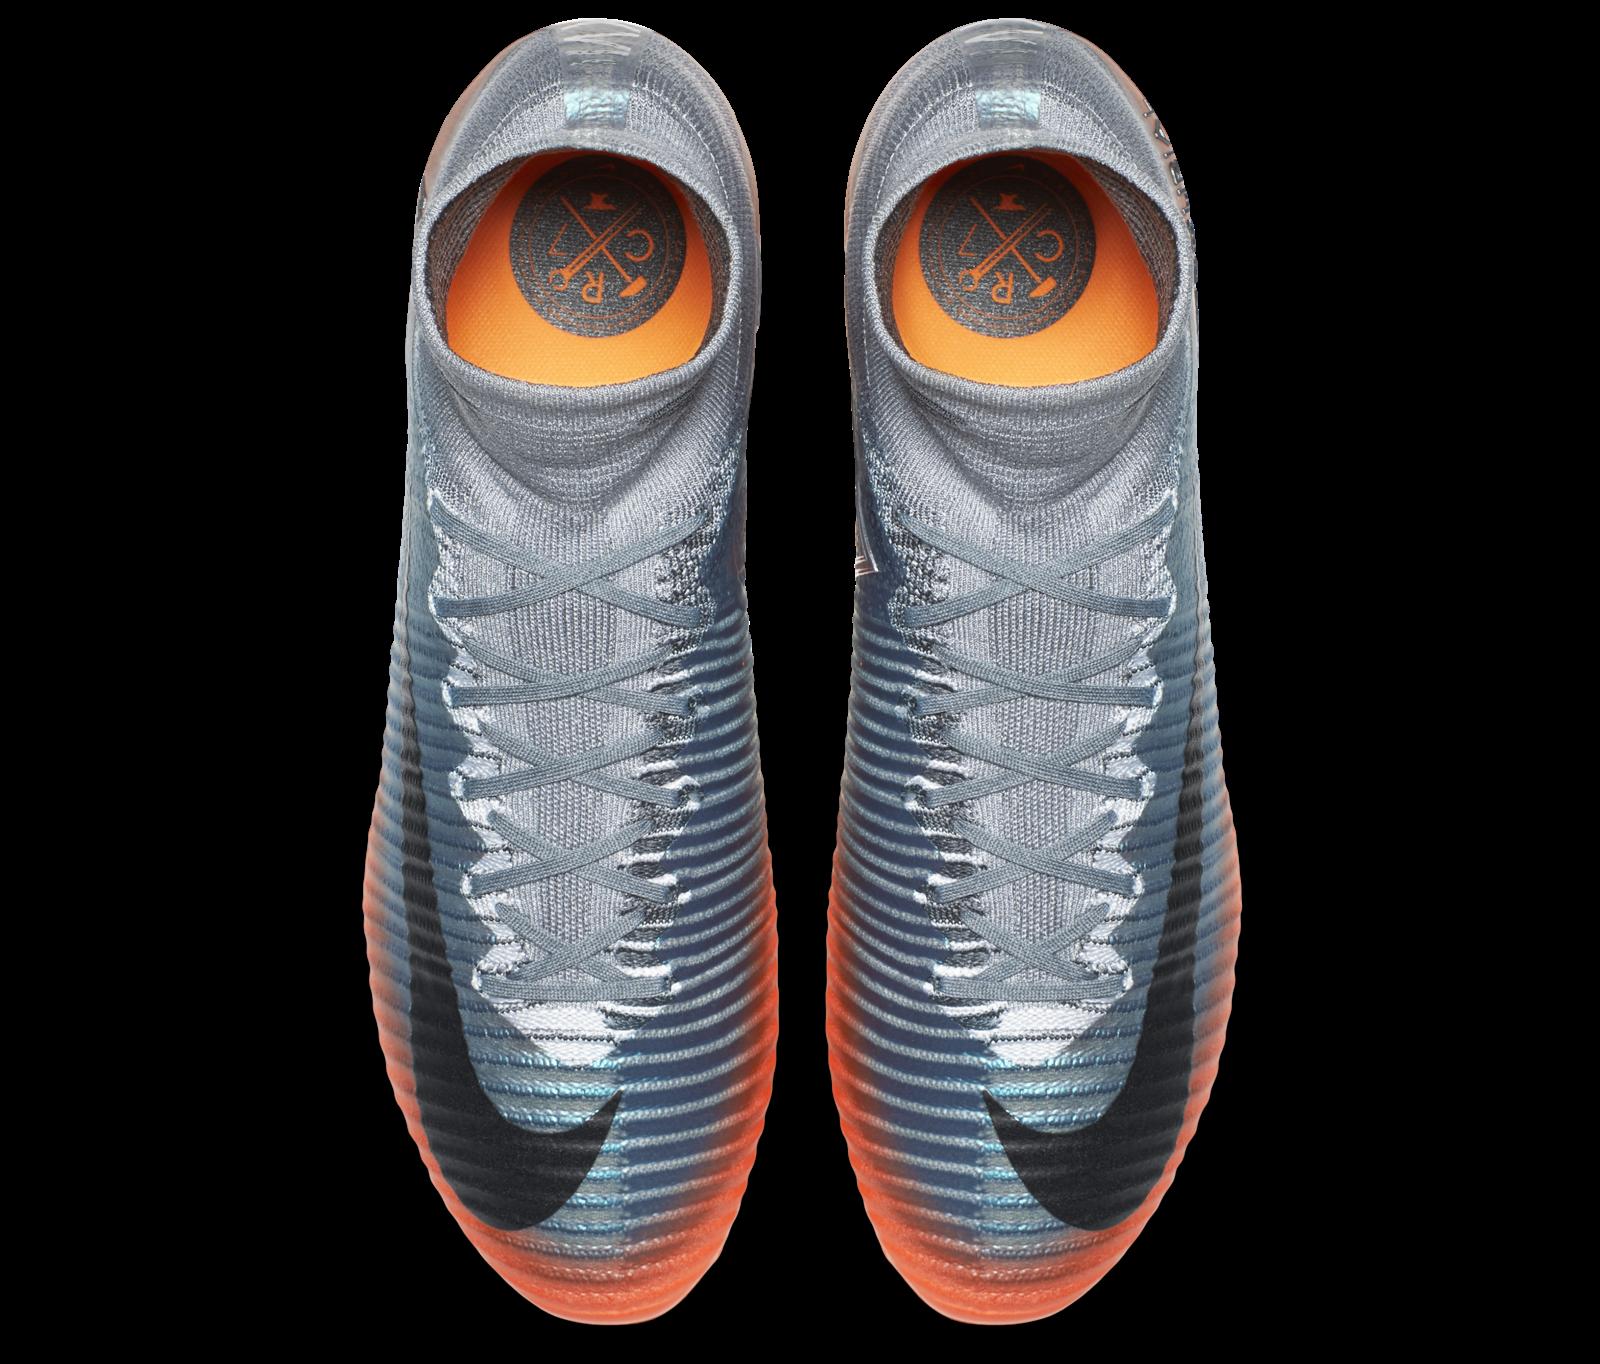 Concernant Antoine Griezmann, pas encore de chaussures signature. Le joueur  de l\u0027Atlético de Madrid va porter un nouveau colori jaune vif, orange et  noir de